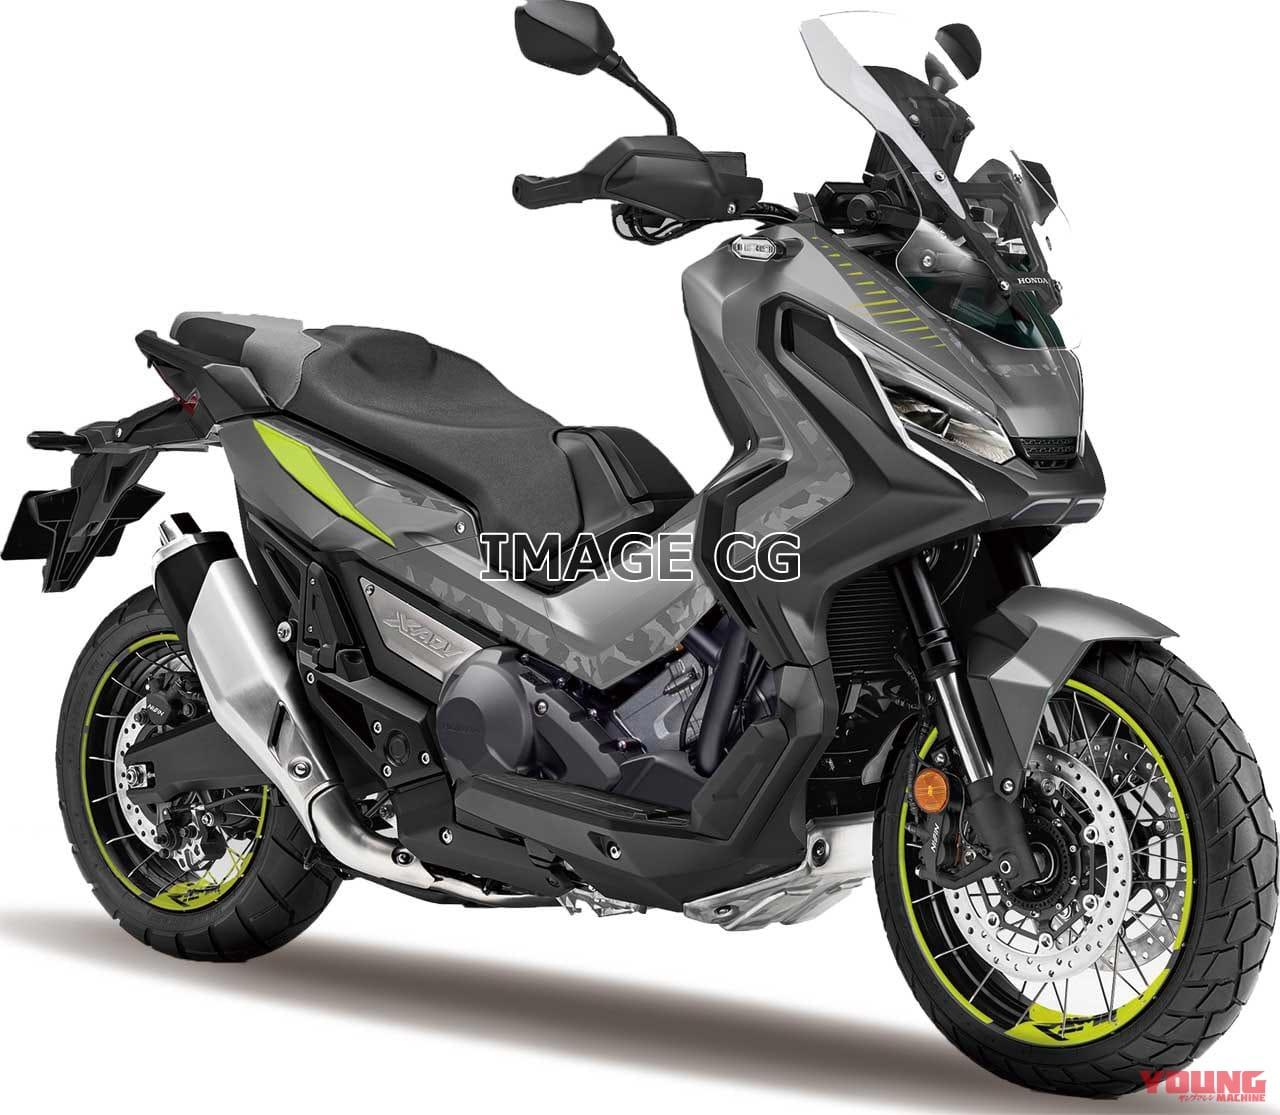 Honda ADV và NC sẽ được nâng cấp động cơ 800cc, ra mắt ngày 14/10